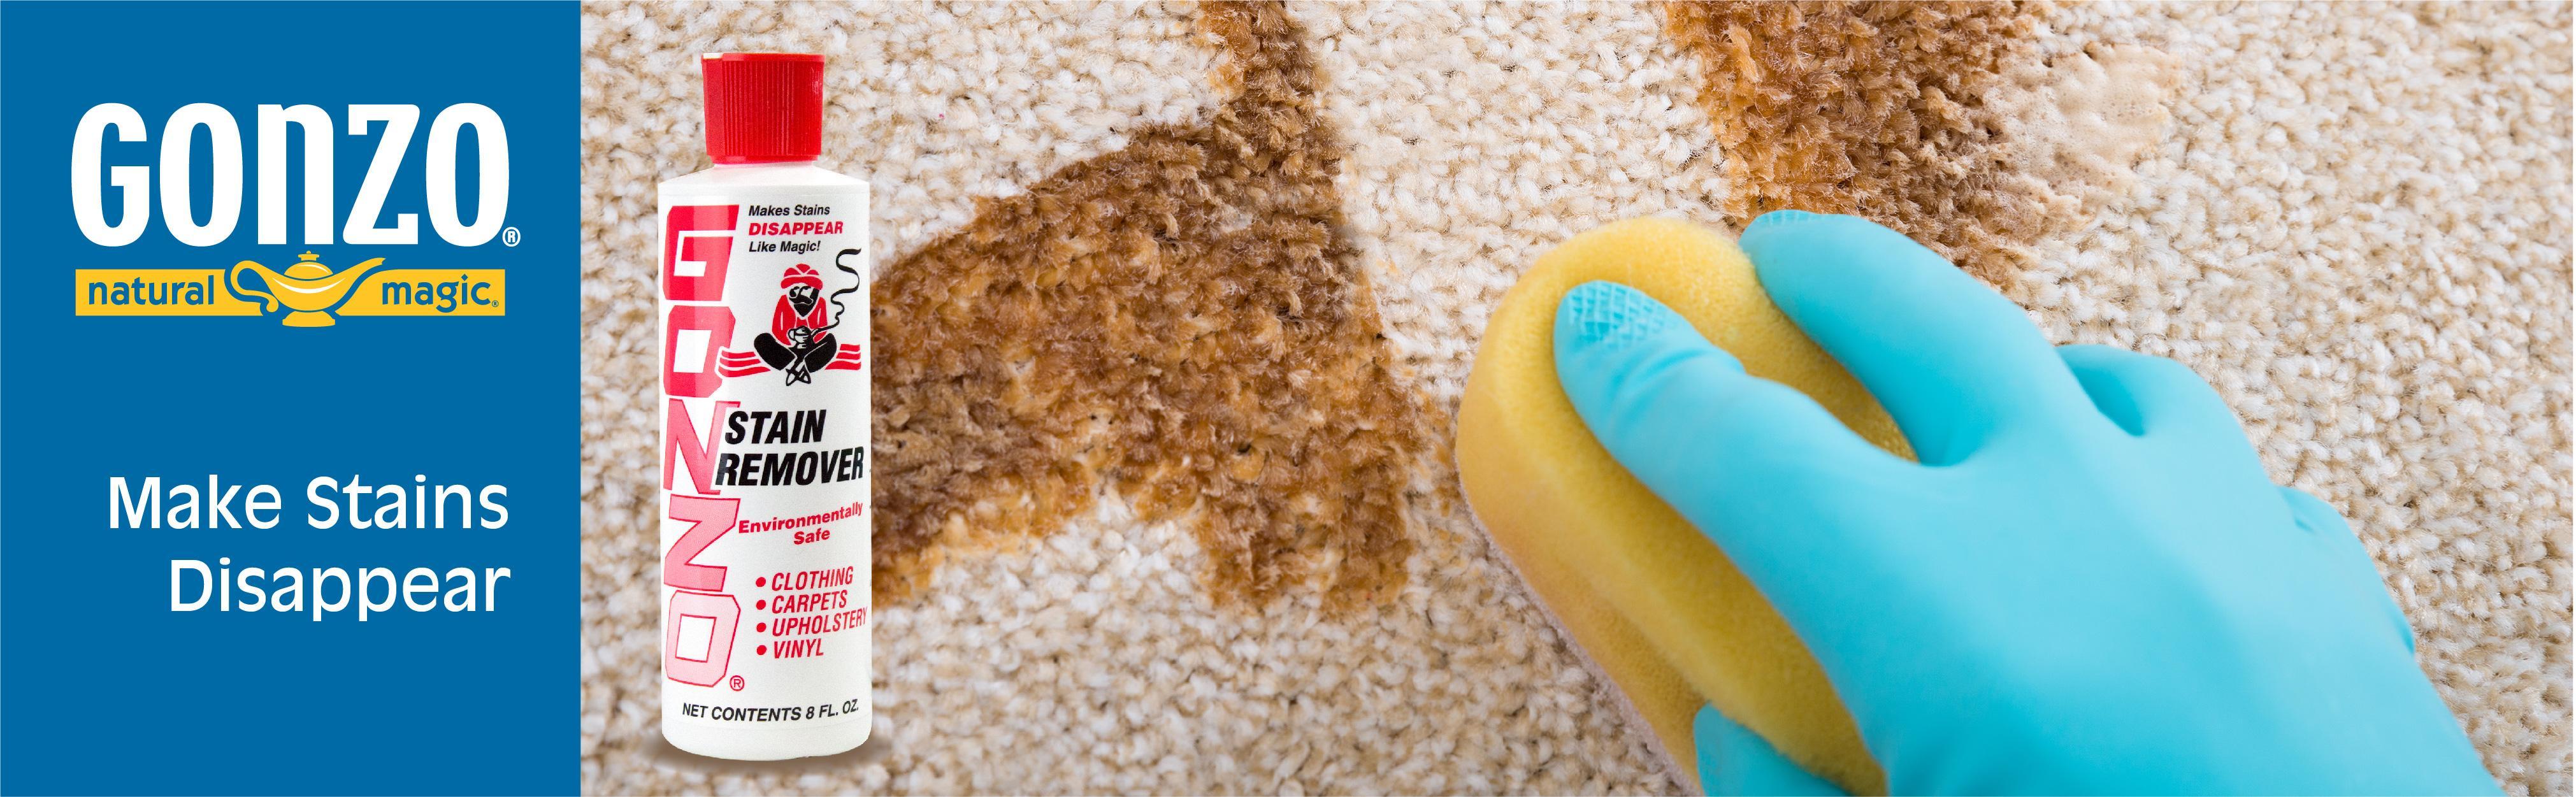 amazon com gonzo natural magic stain remover non toxic carpet